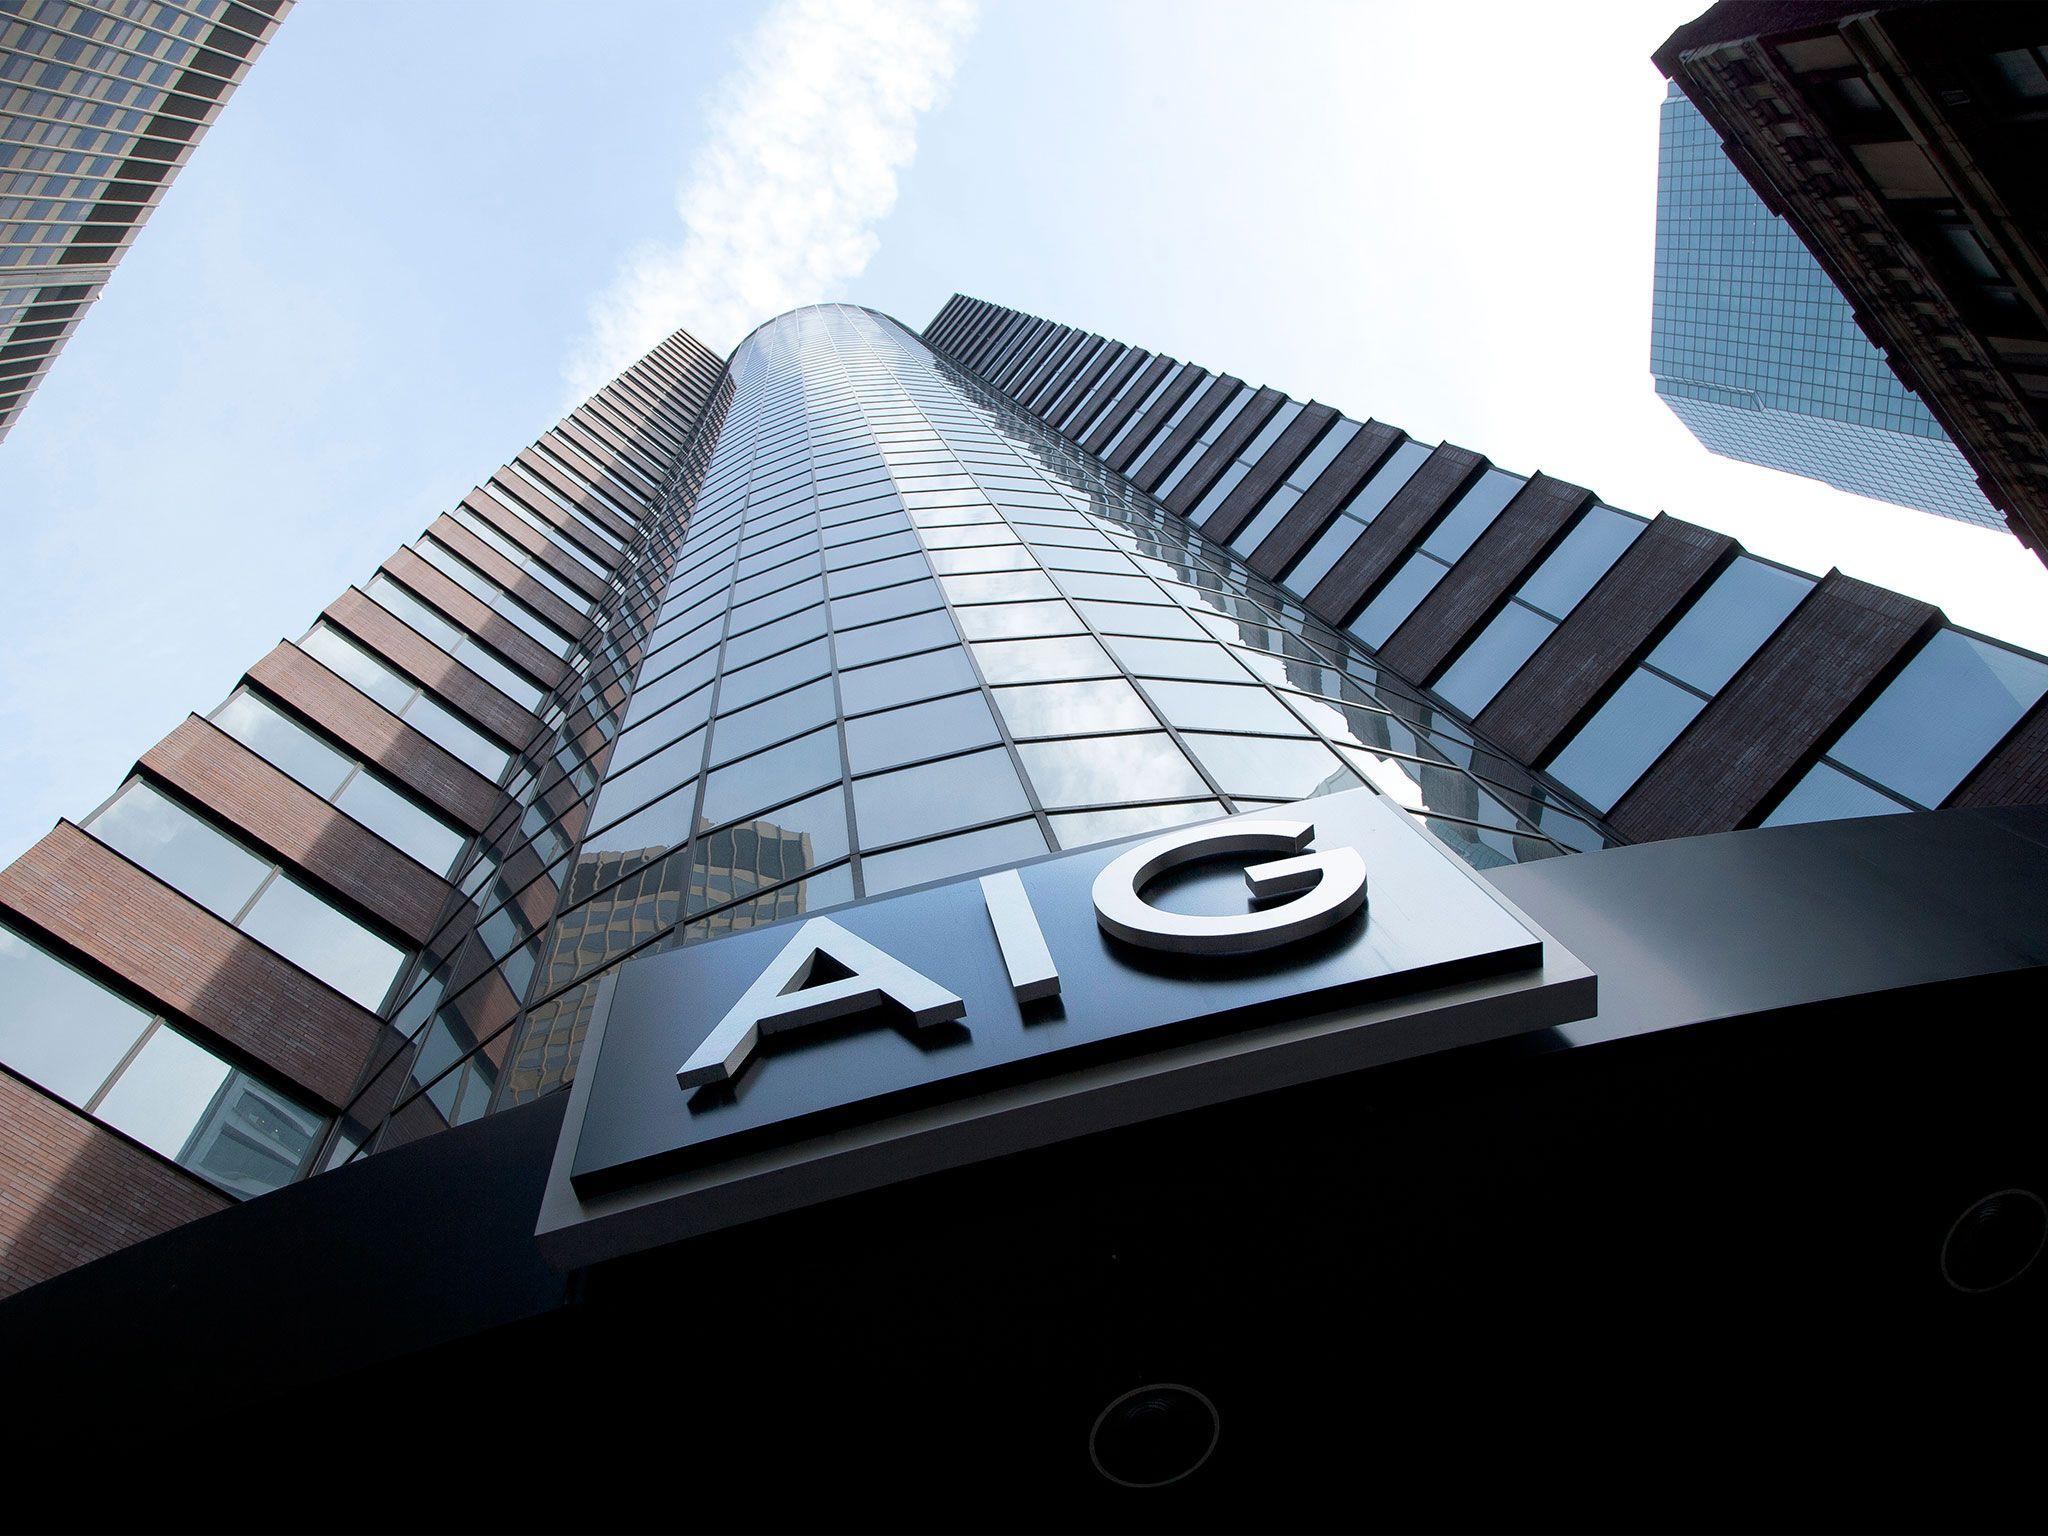 گروه بین المللی آمریکایی موسوم به AIG، شریک خبره و معتبر IBM در اولین بیمه بلاک چین چند ملیتی